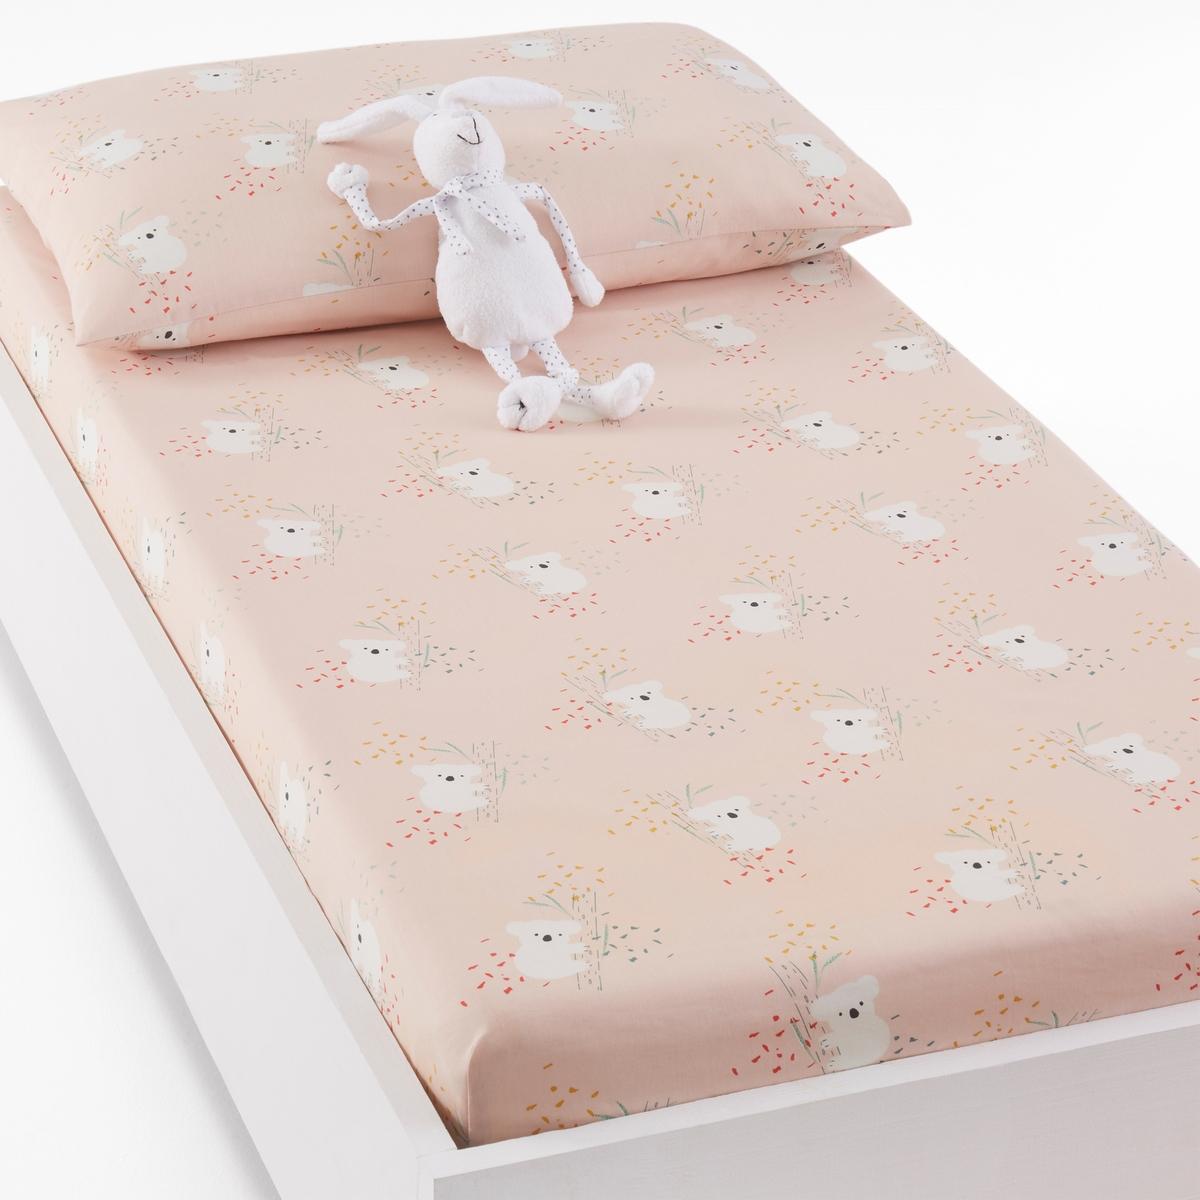 Простыня натяжная для детской кроватки с рисунком коалы LOUISAХарактеристики натяжной простыни для детской кроватки с рисунком коалы Louisa :100% хлопка, 57 нитей/см2Чем больше нитей/см2, тем выше качество ткани.Сплошной рисунок коалыМашинная стирка при 60 °СРазмеры натяжной простыни для детской кроватки с рисунком коалы Louisa  :60 x 120 см и 70 x 140 смЗнак Oeko-Tex® гарантирует, что товары прошли проверку и были изготовлены без применения вредных для здоровья человека веществ.<br><br>Цвет: наб. рисунок/ розовый